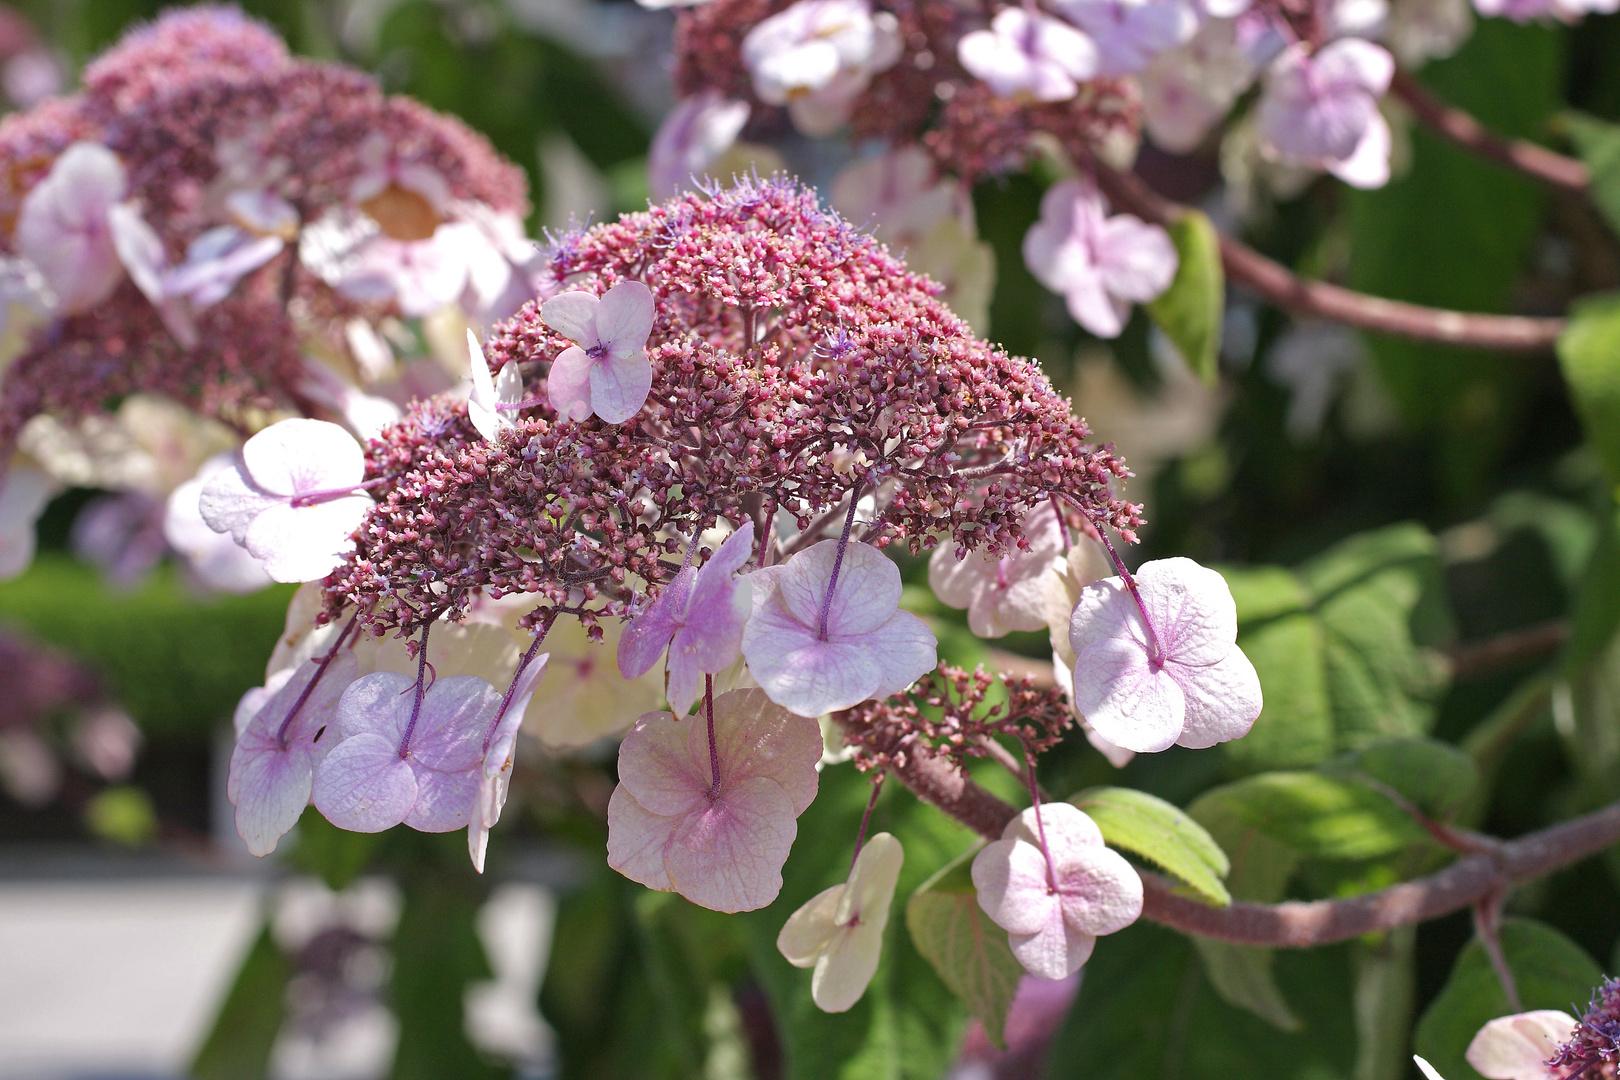 Samthortensie in Blüte